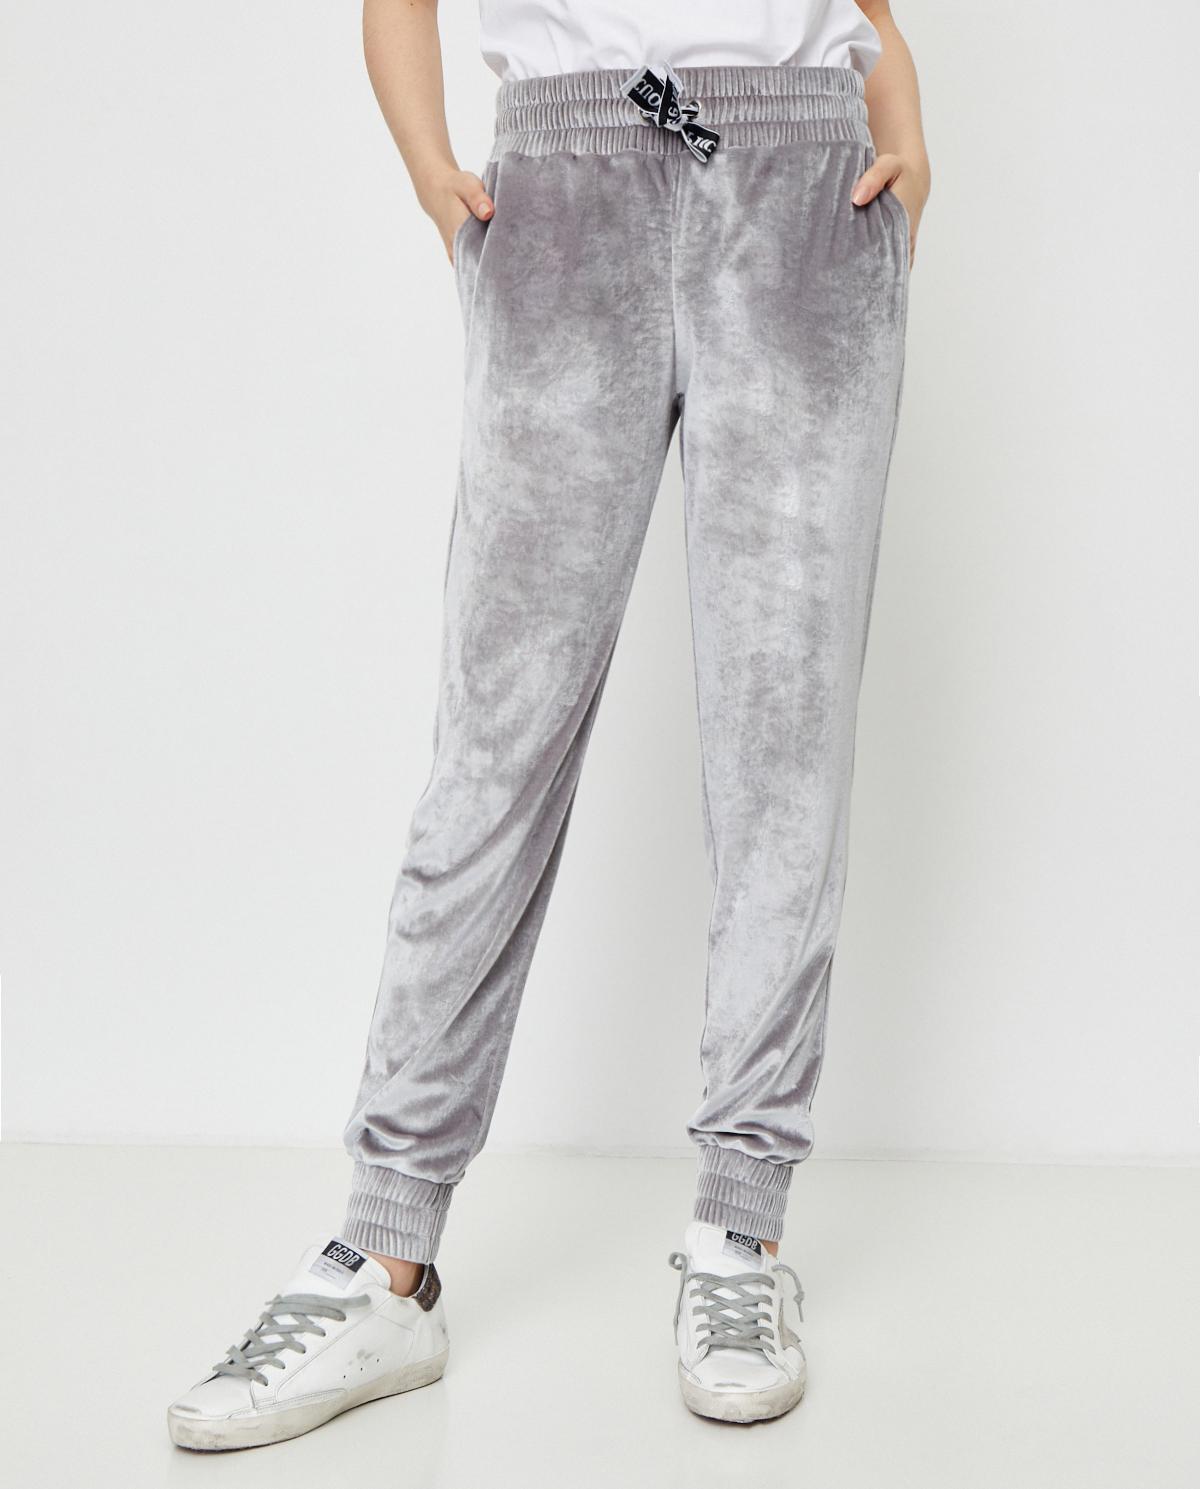 Srebrne spodnie dresowe TRICK z aksamitu Cuori e Picche TRICK LOW SILVER